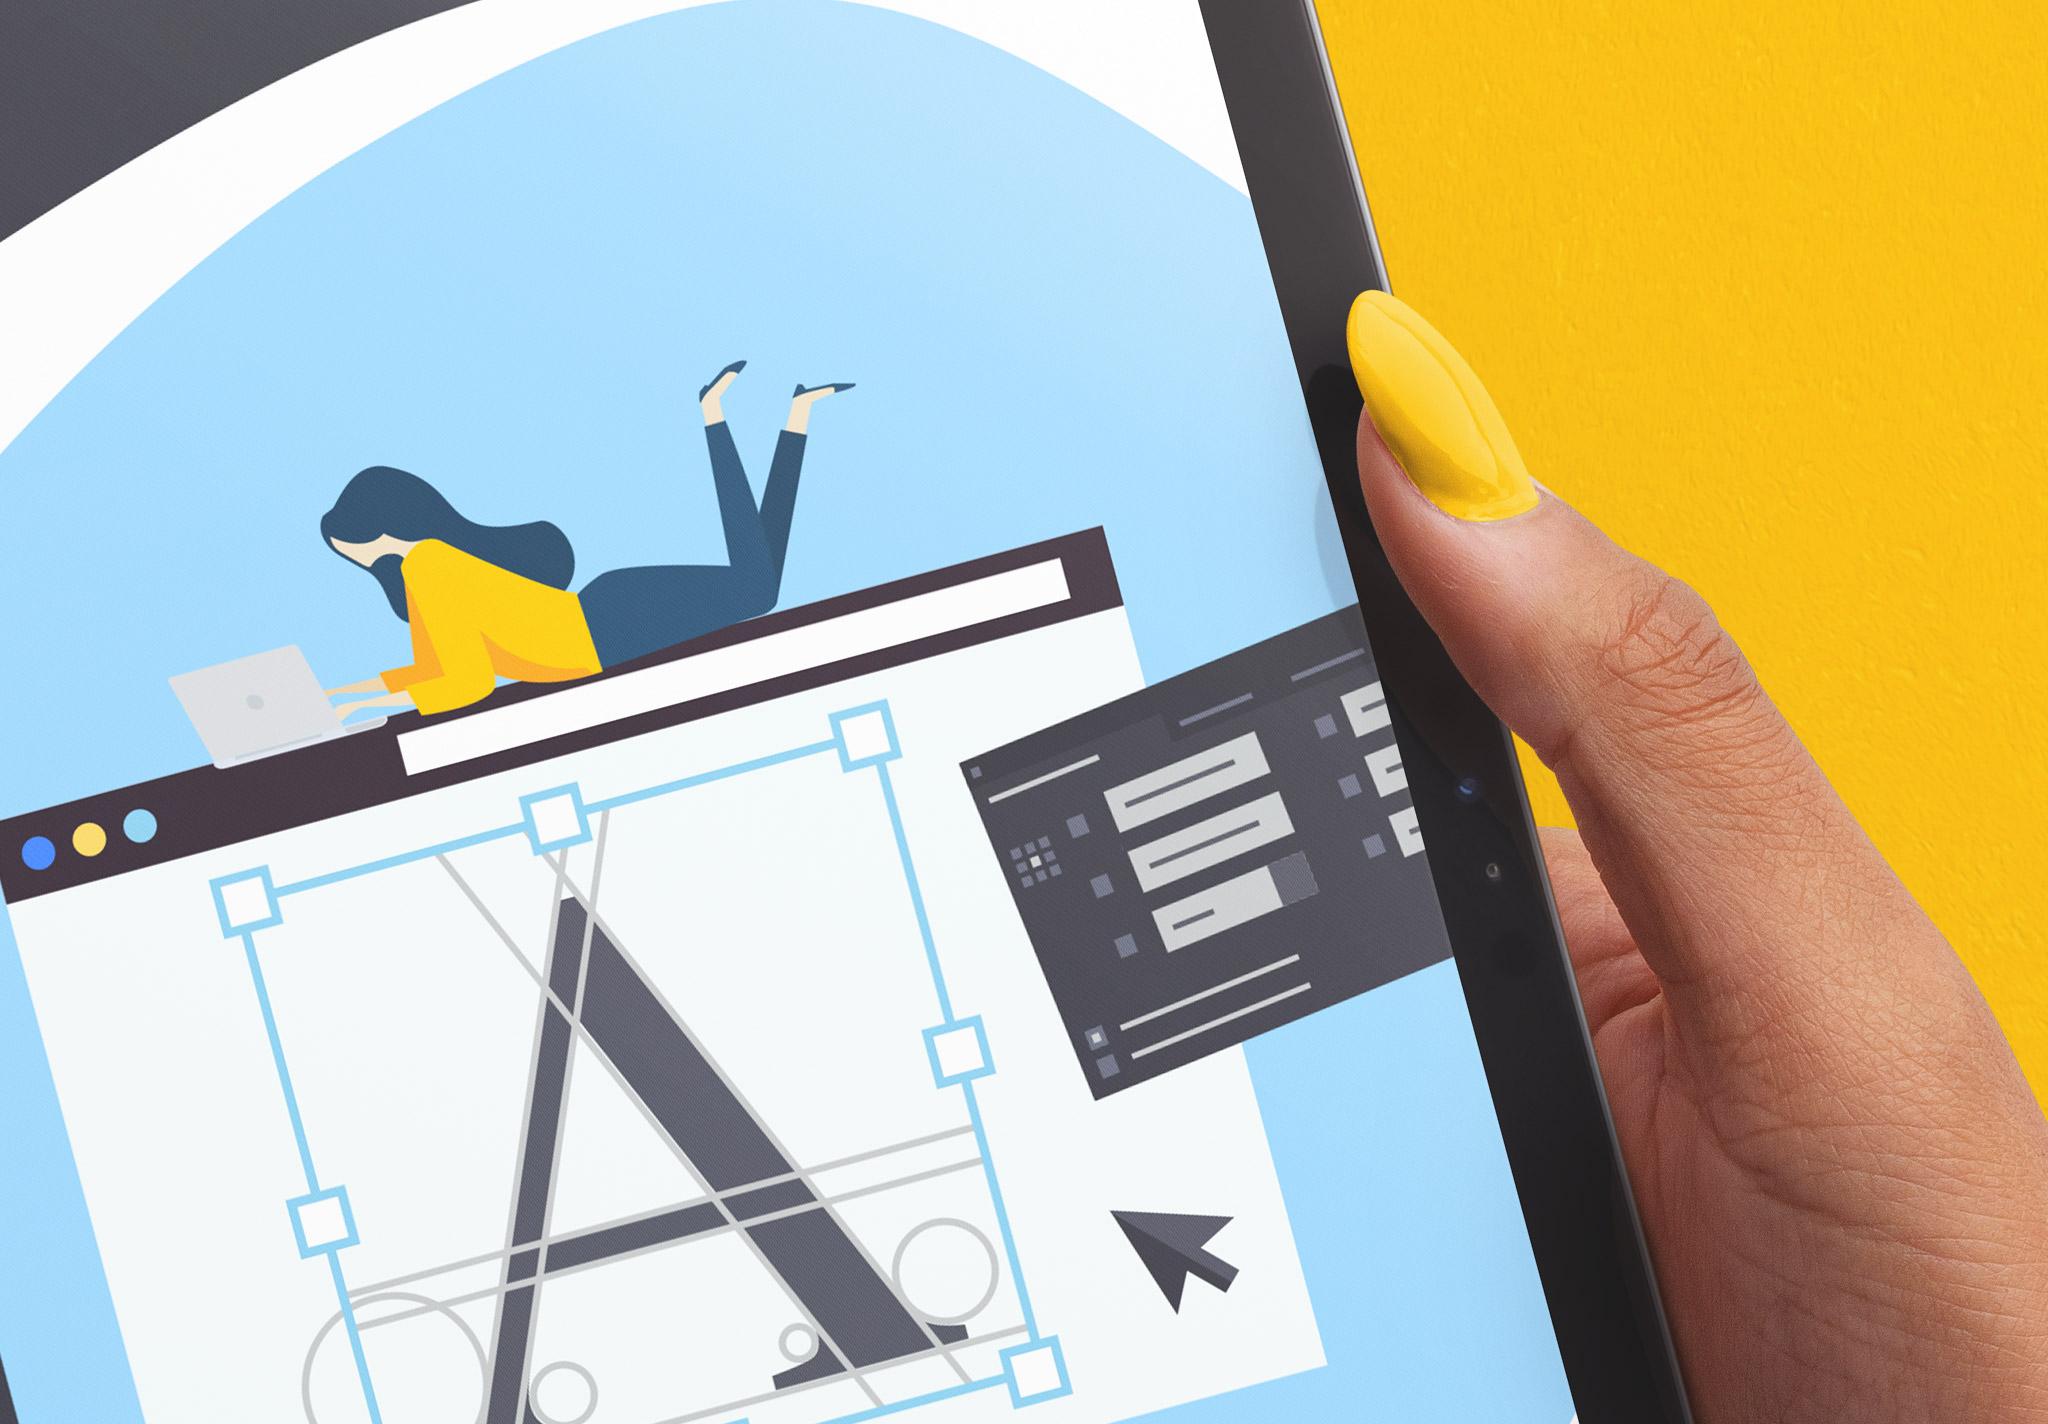 Hands Holding Tablet Pro Mockup Image04